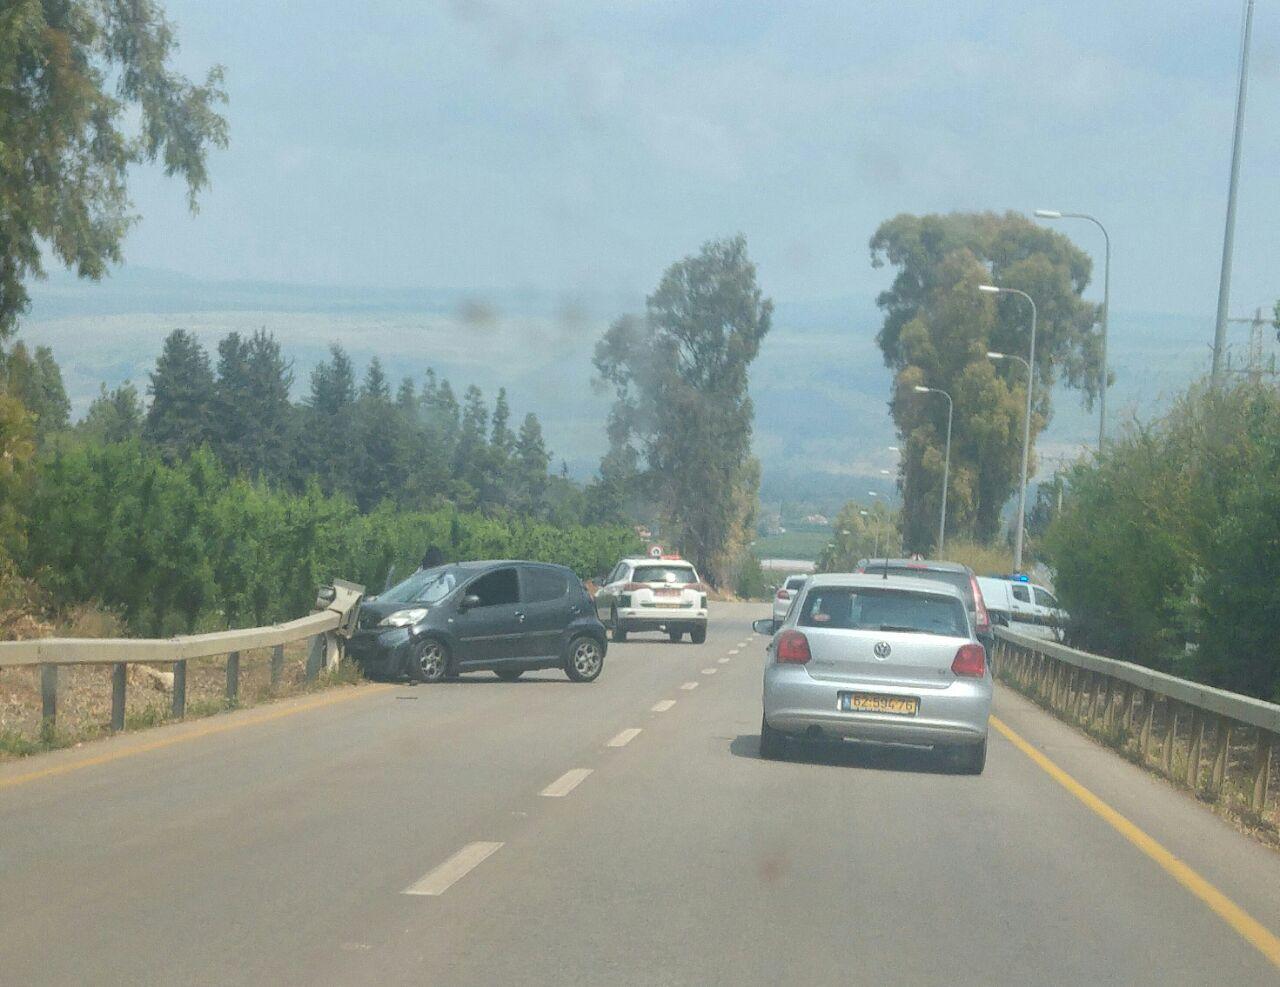 תאונת דרכים בכניסה ליסוד המעלה